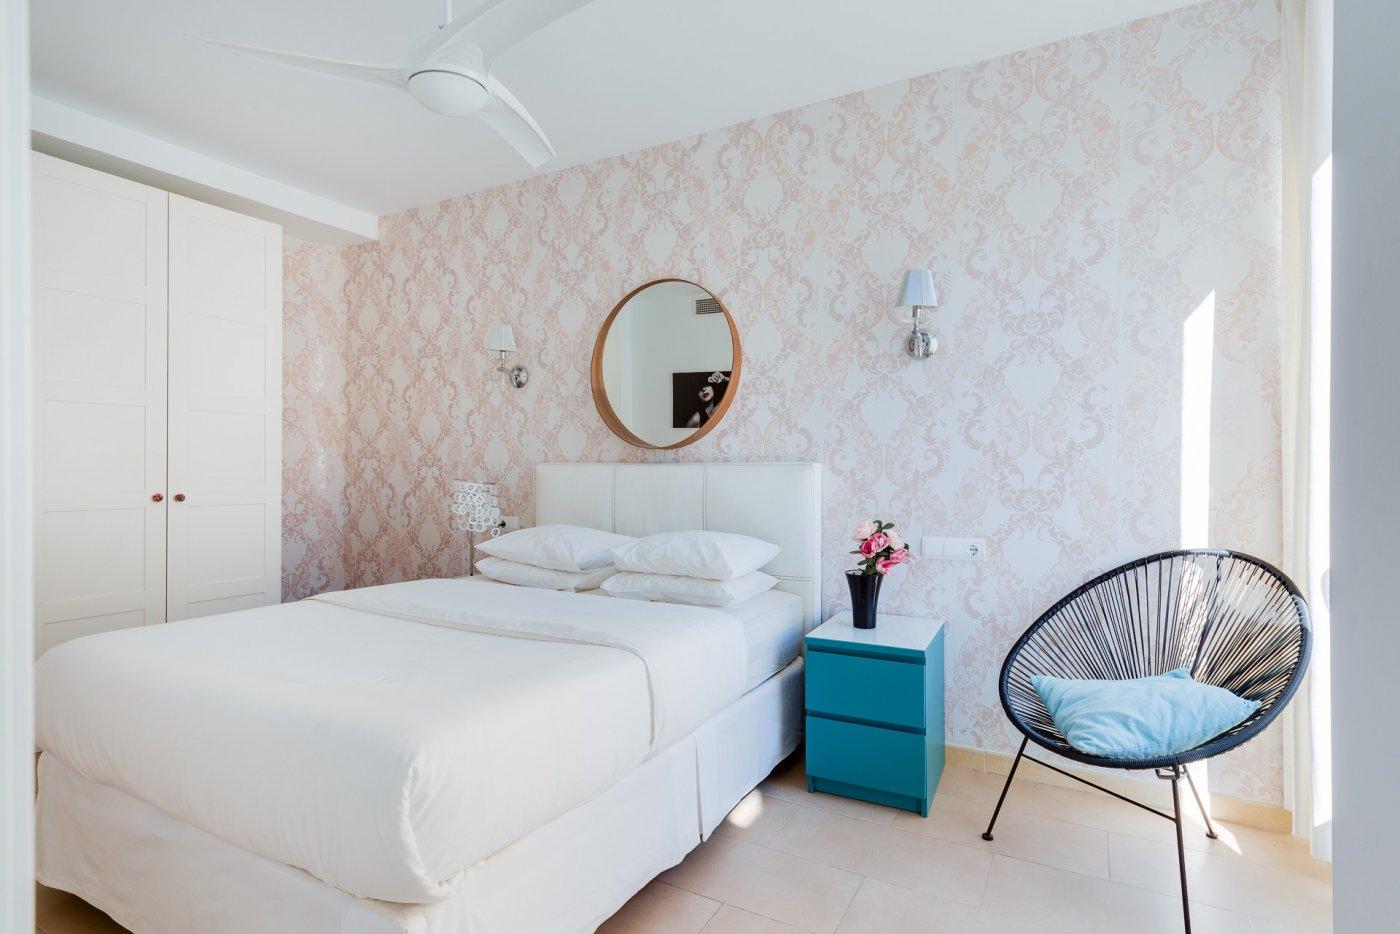 Oportunidad, piso en venta con licencia turística - imagenInmueble14